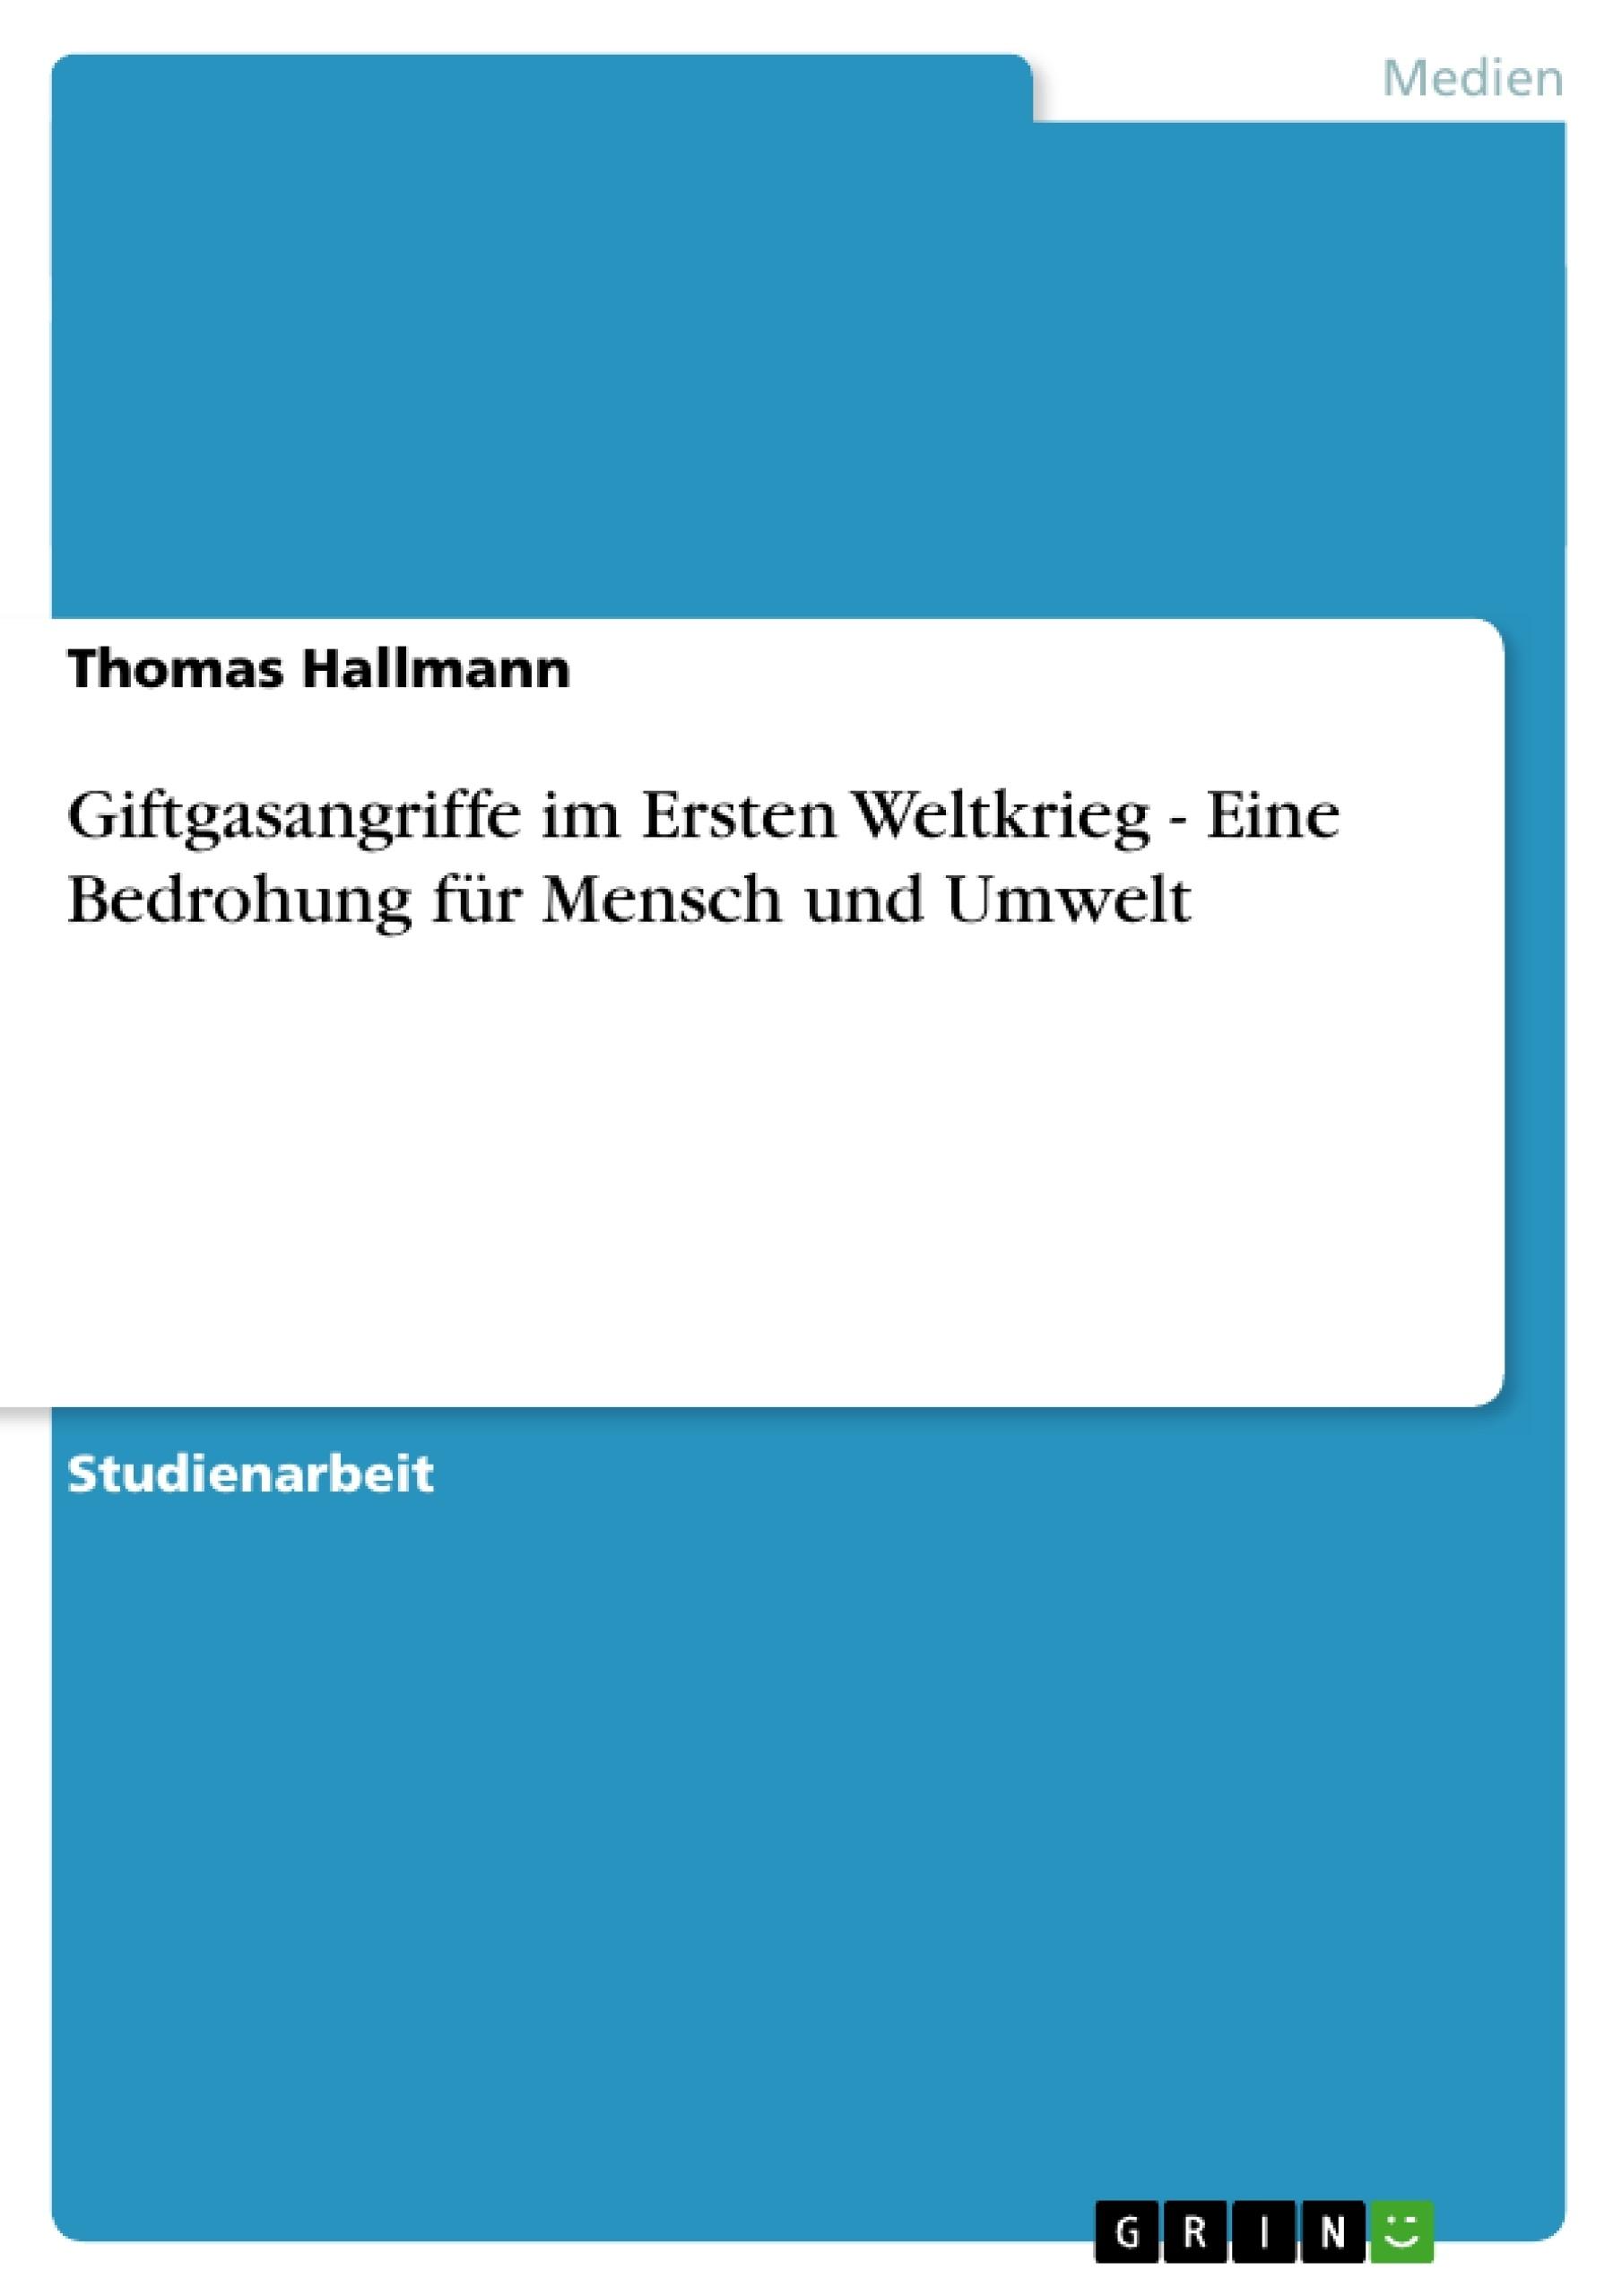 Titel: Giftgasangriffe im Ersten Weltkrieg - Eine Bedrohung für Mensch und Umwelt